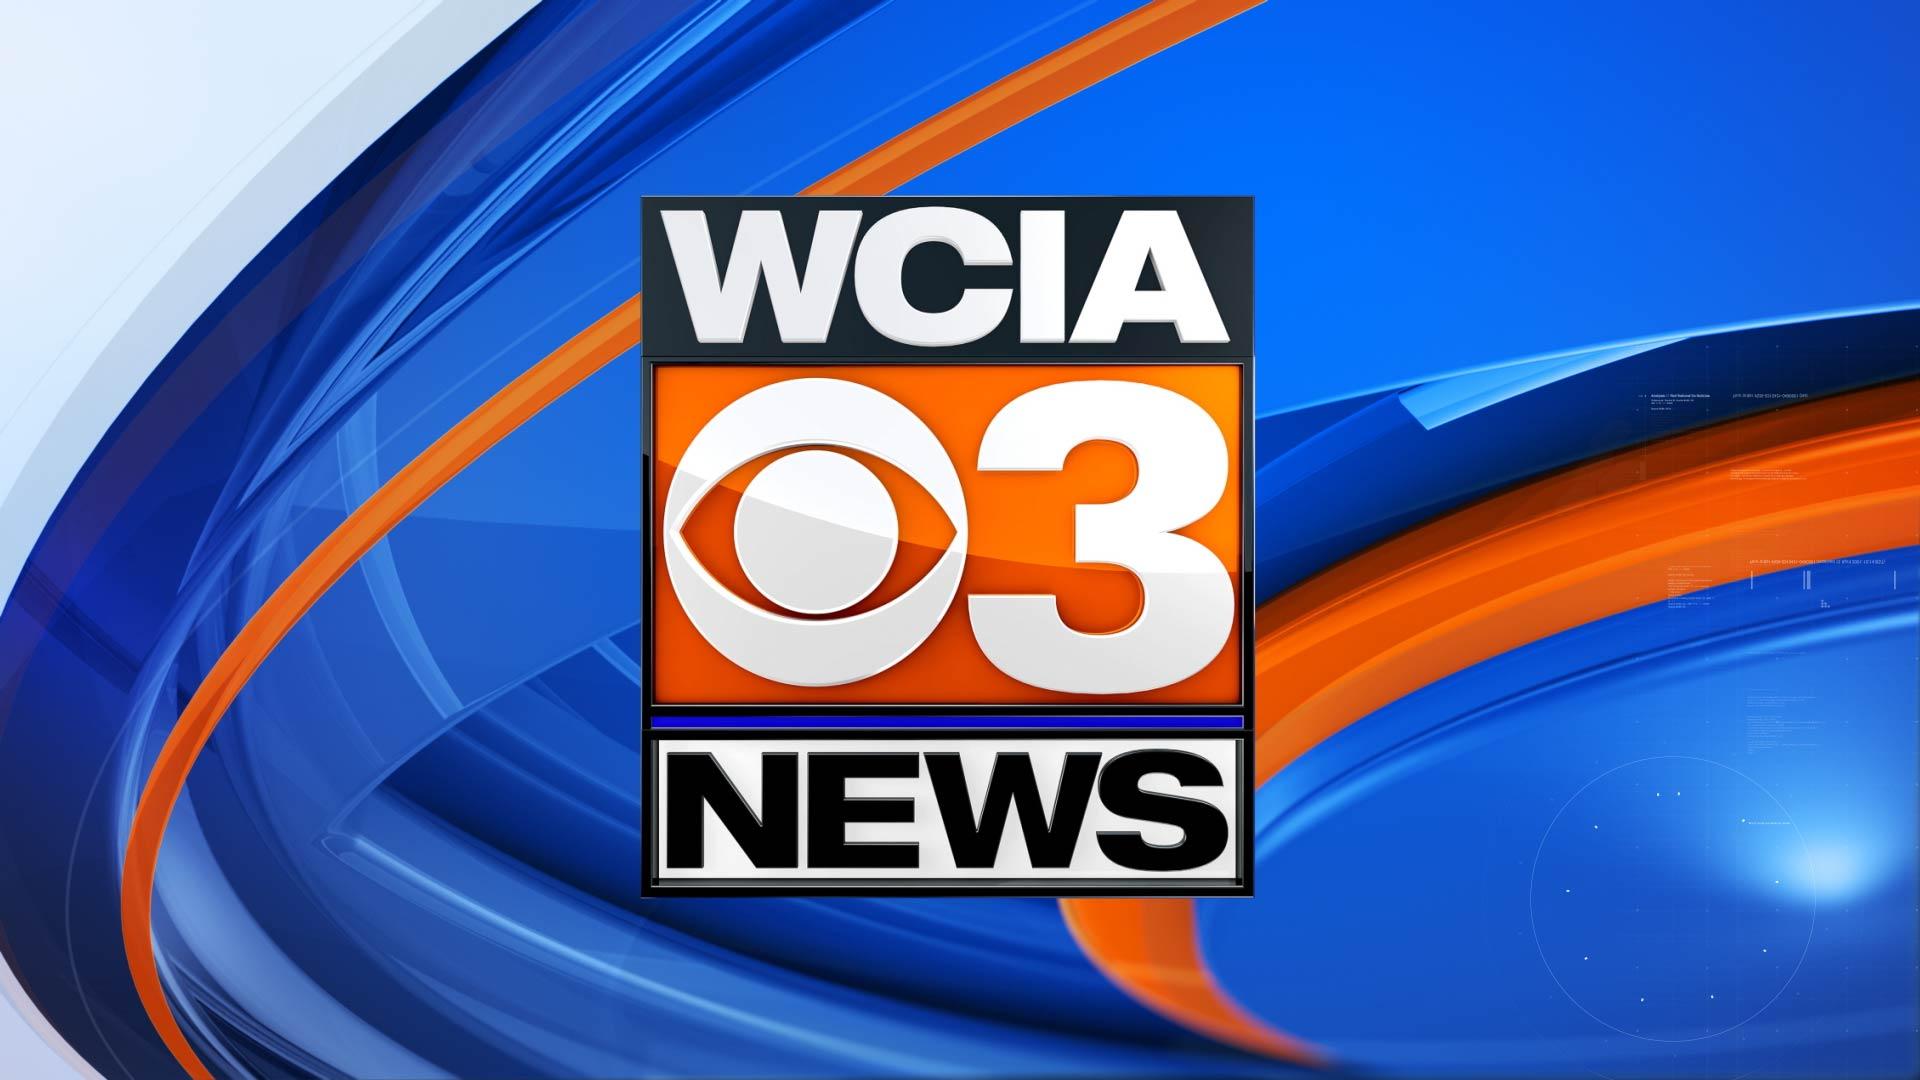 News | WCIA com